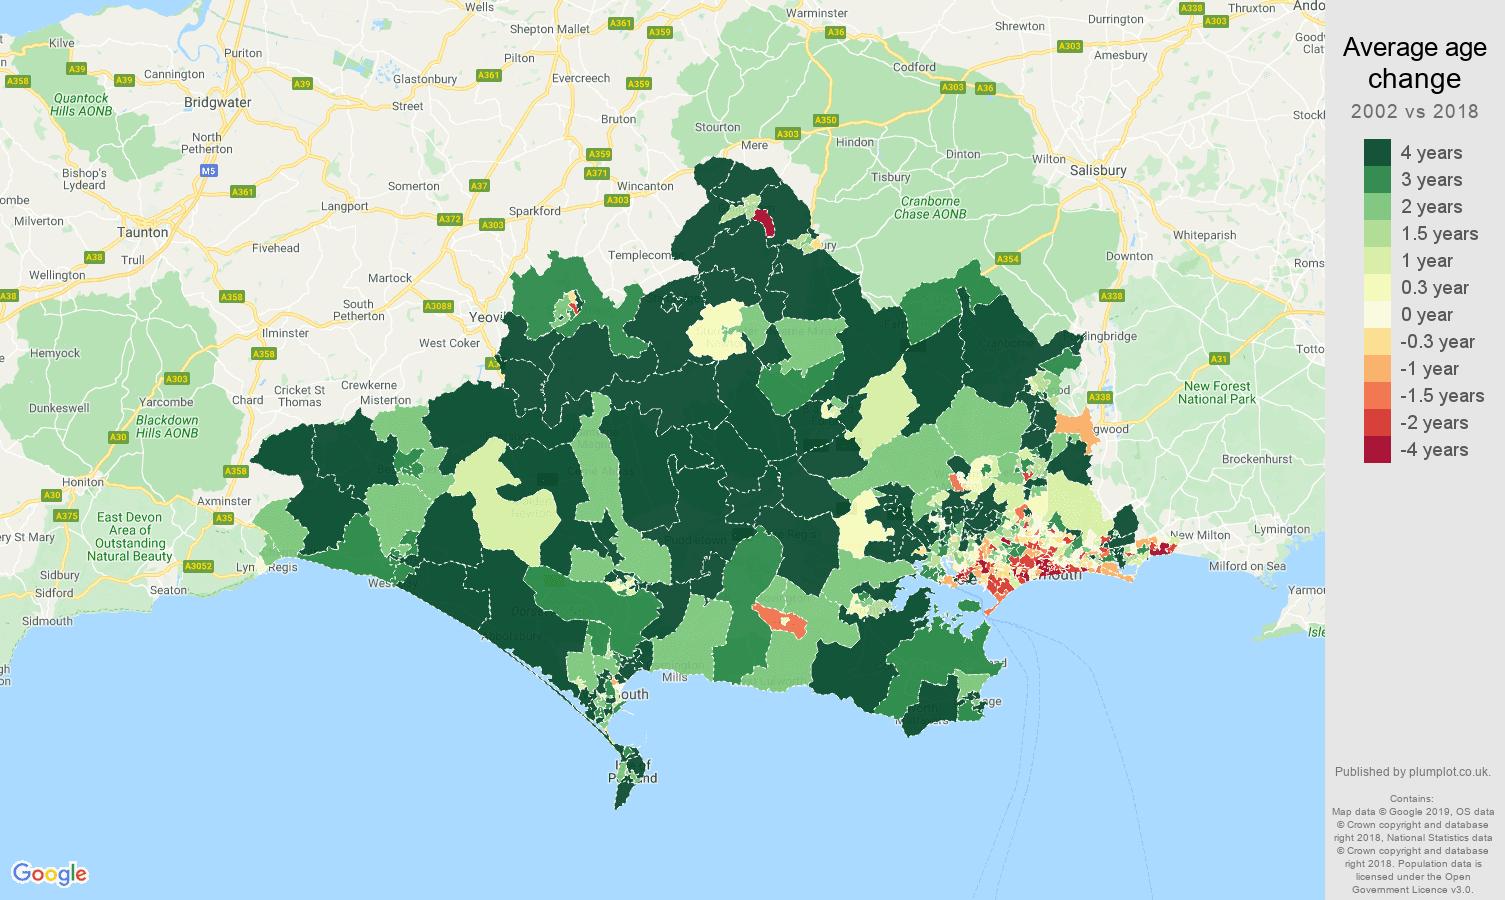 Dorset average age change map